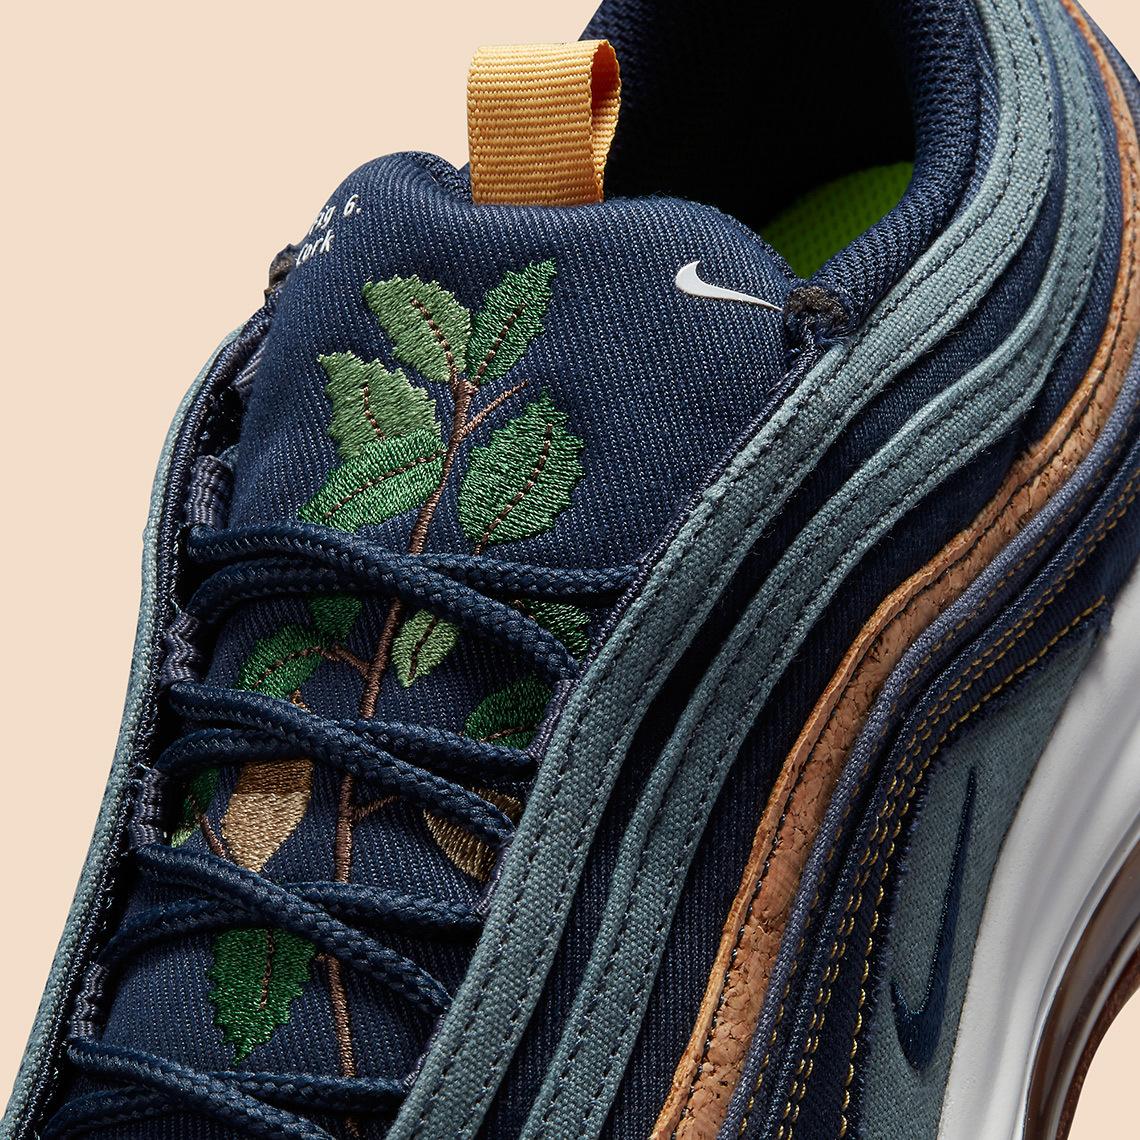 Nike Air Max 97 Cork